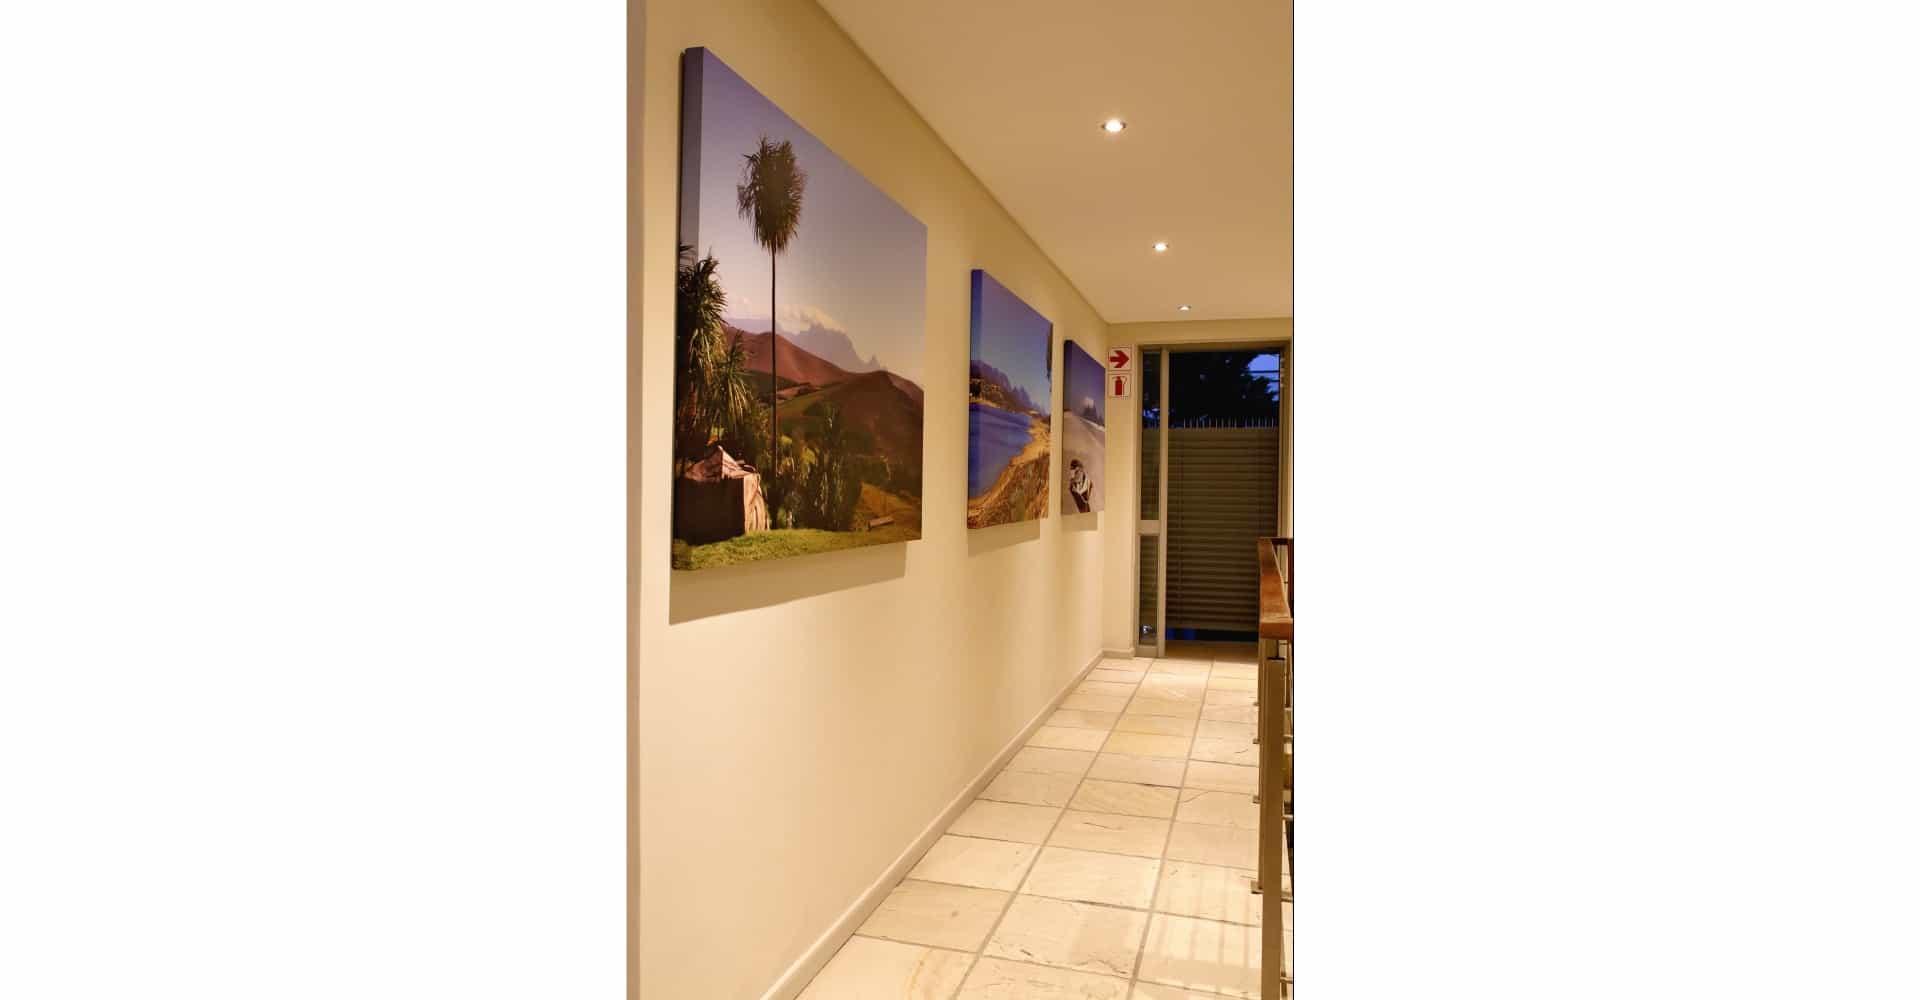 Flur und Bildergalerie im Da Heim Guesthouse